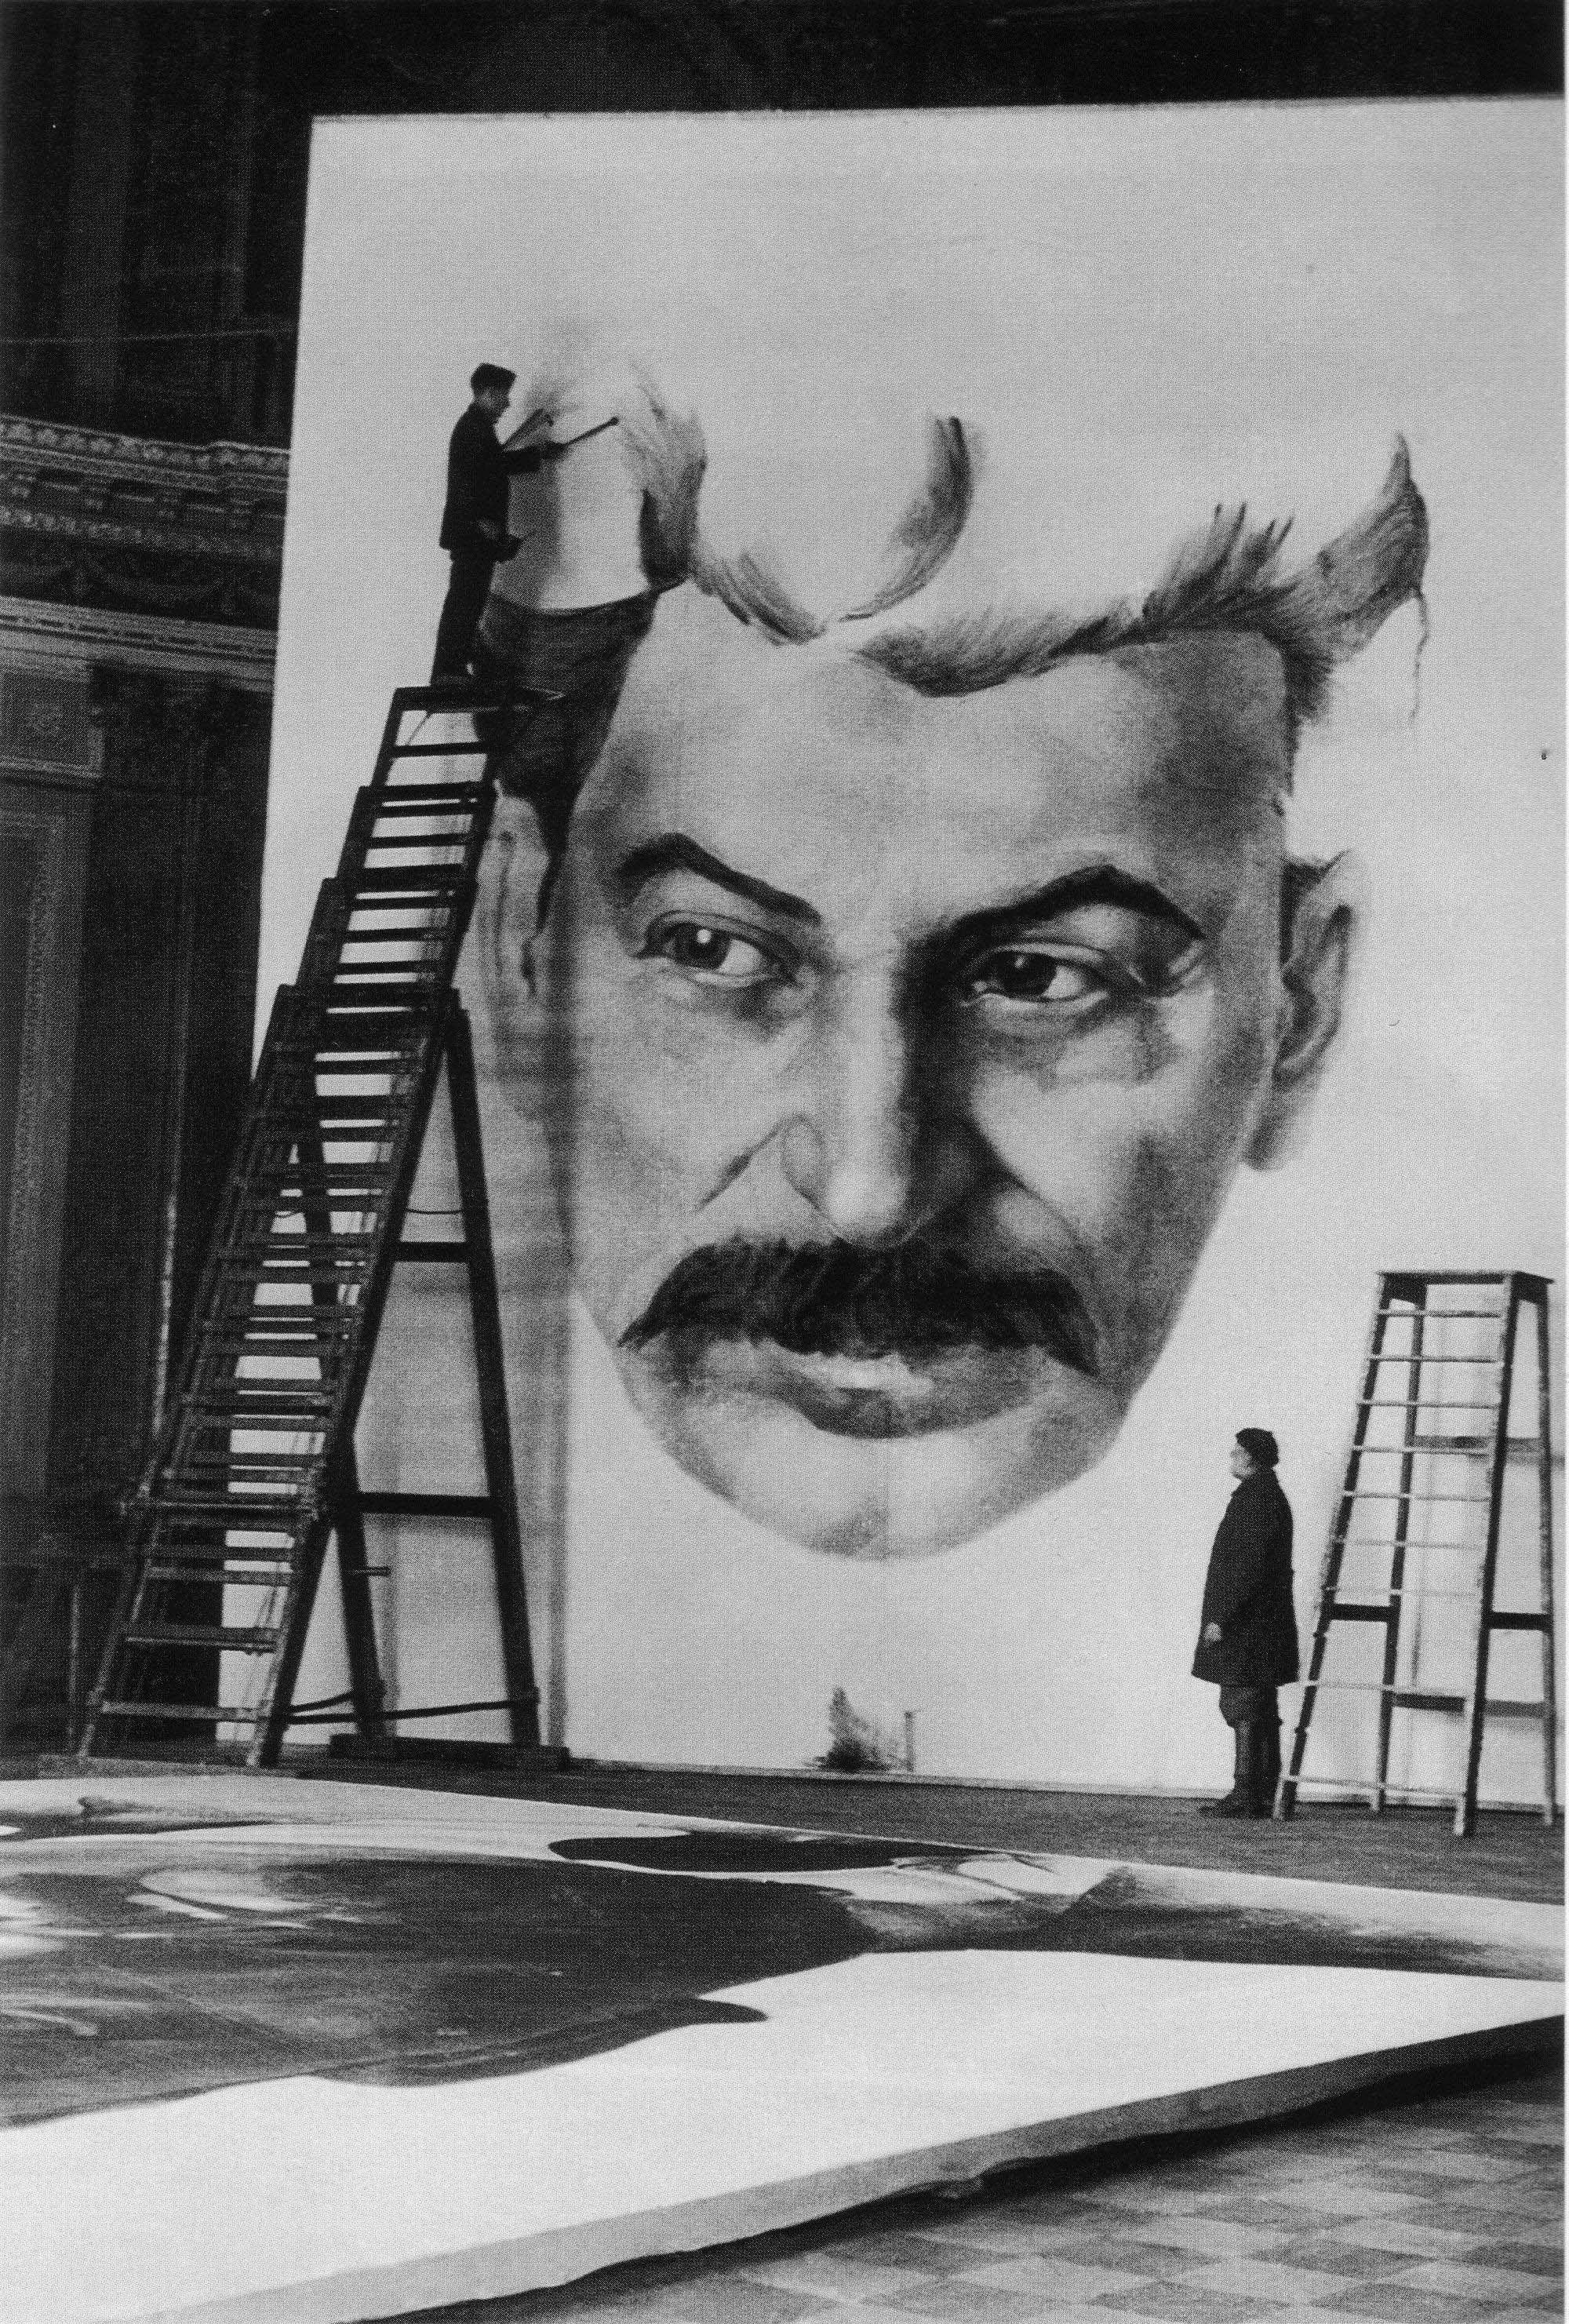 Студенты Академии художеств работают над портретом Сталина для украшения города к 1 мая 1934 года